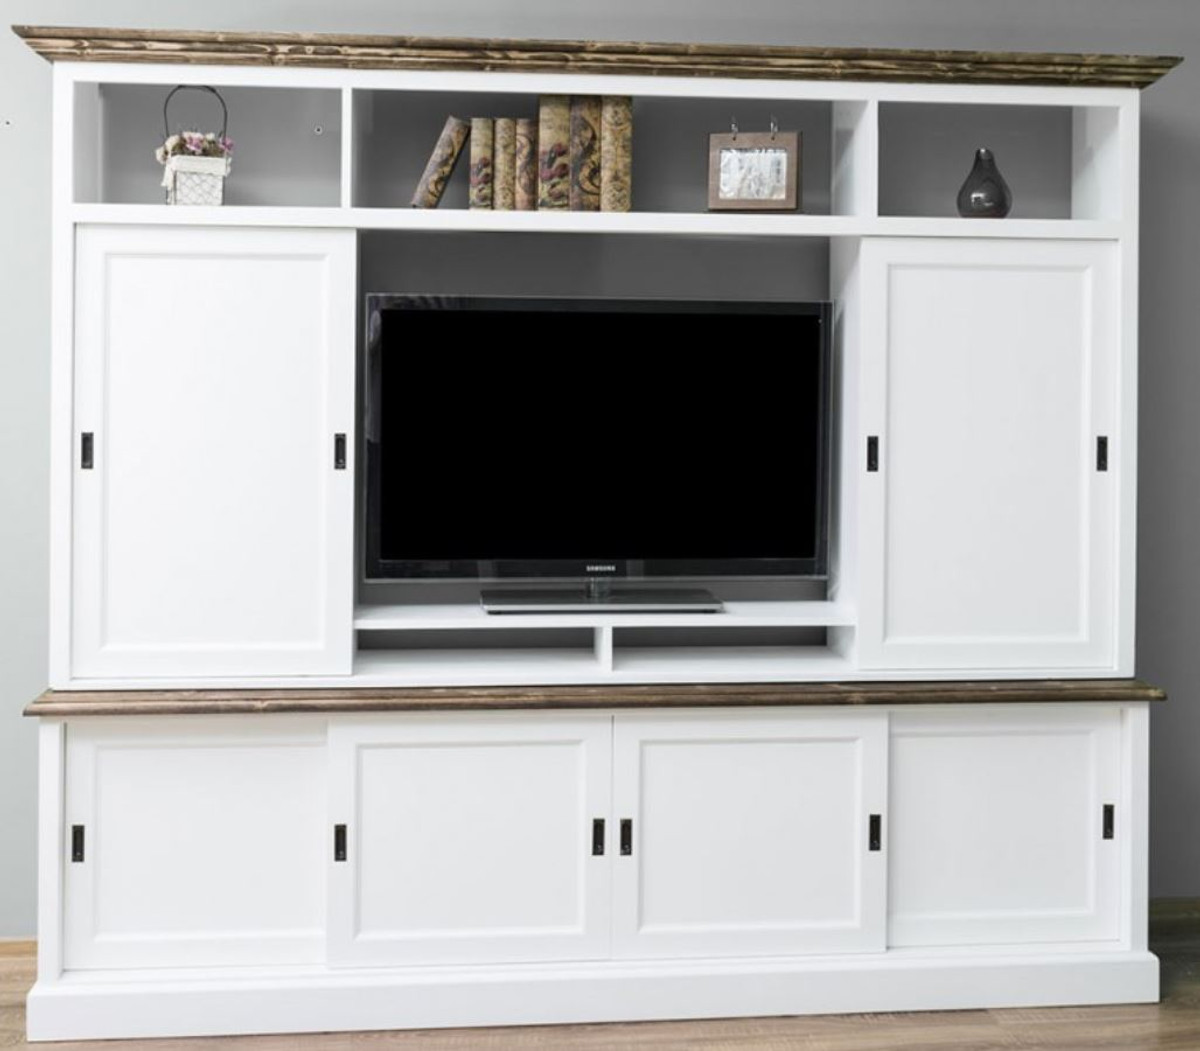 Casa Padrino Landhausstil Fernsehschrank mit 5 Schiebetüren Weiß / Braun  5 x 45 x H. 5 cm - Massivholz TV Schrank - Wohnzimmerschrank -